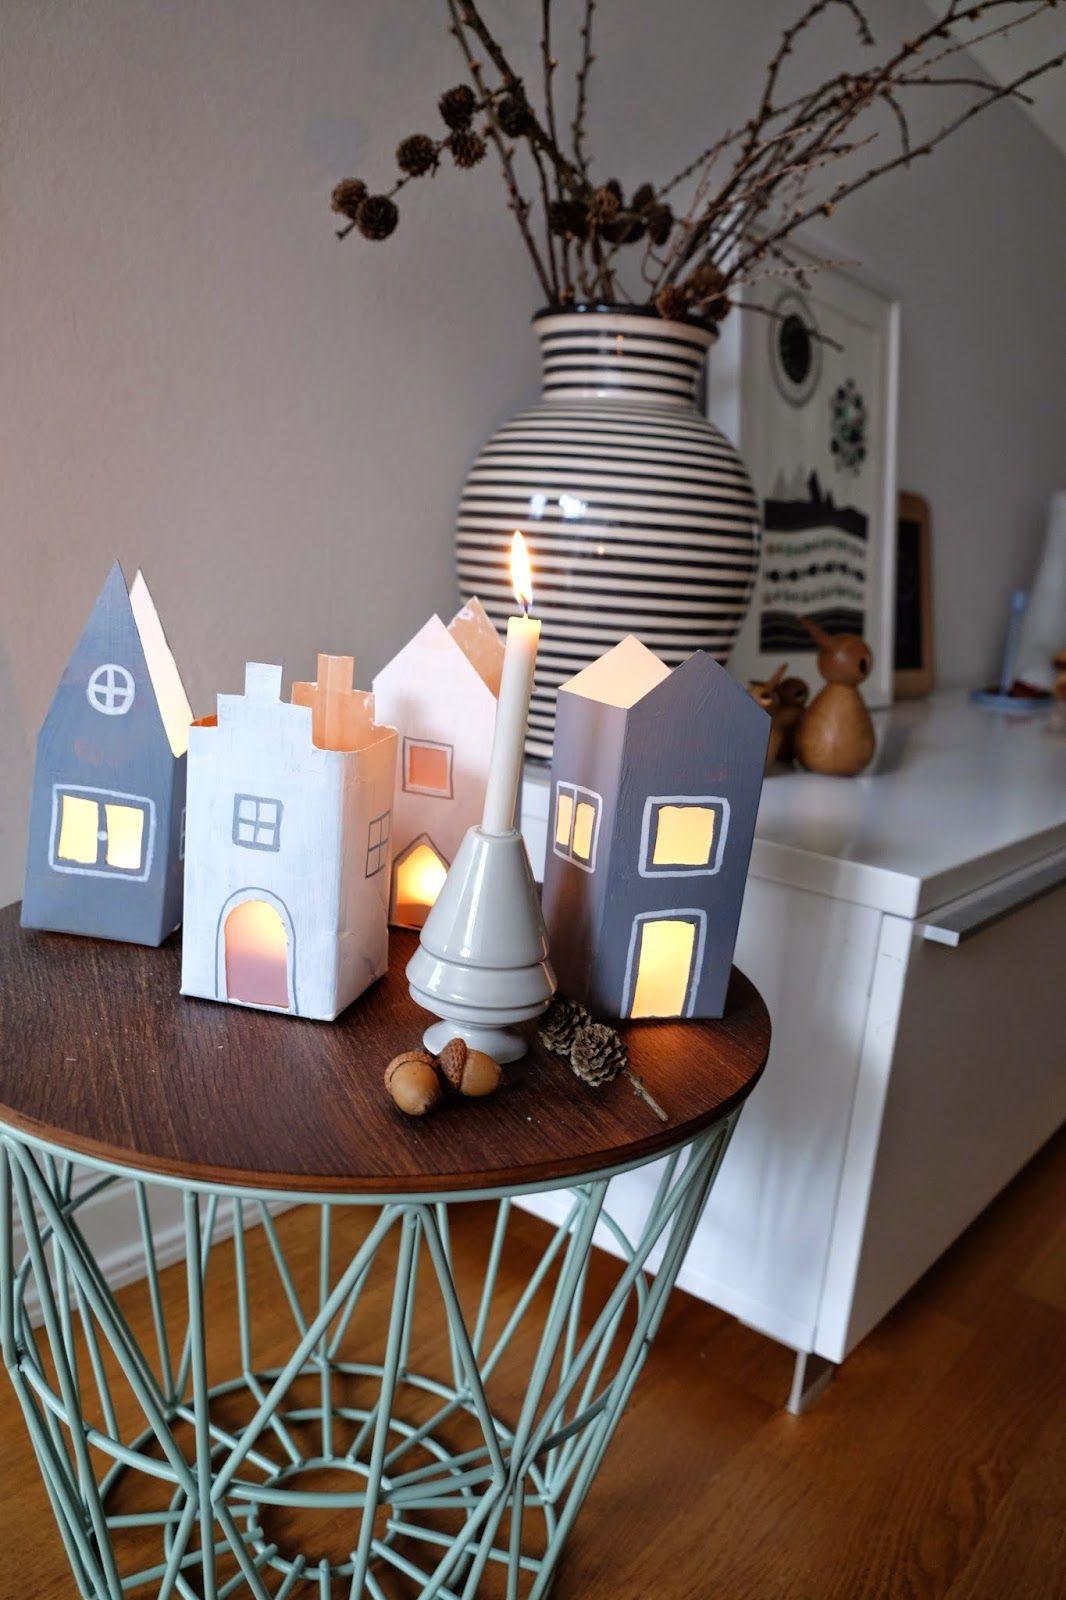 Hej hanse wochenwerk milchstra e deko winter weihnachten pinterest natal iluminaci n - Bistrogardine weihnachten ...